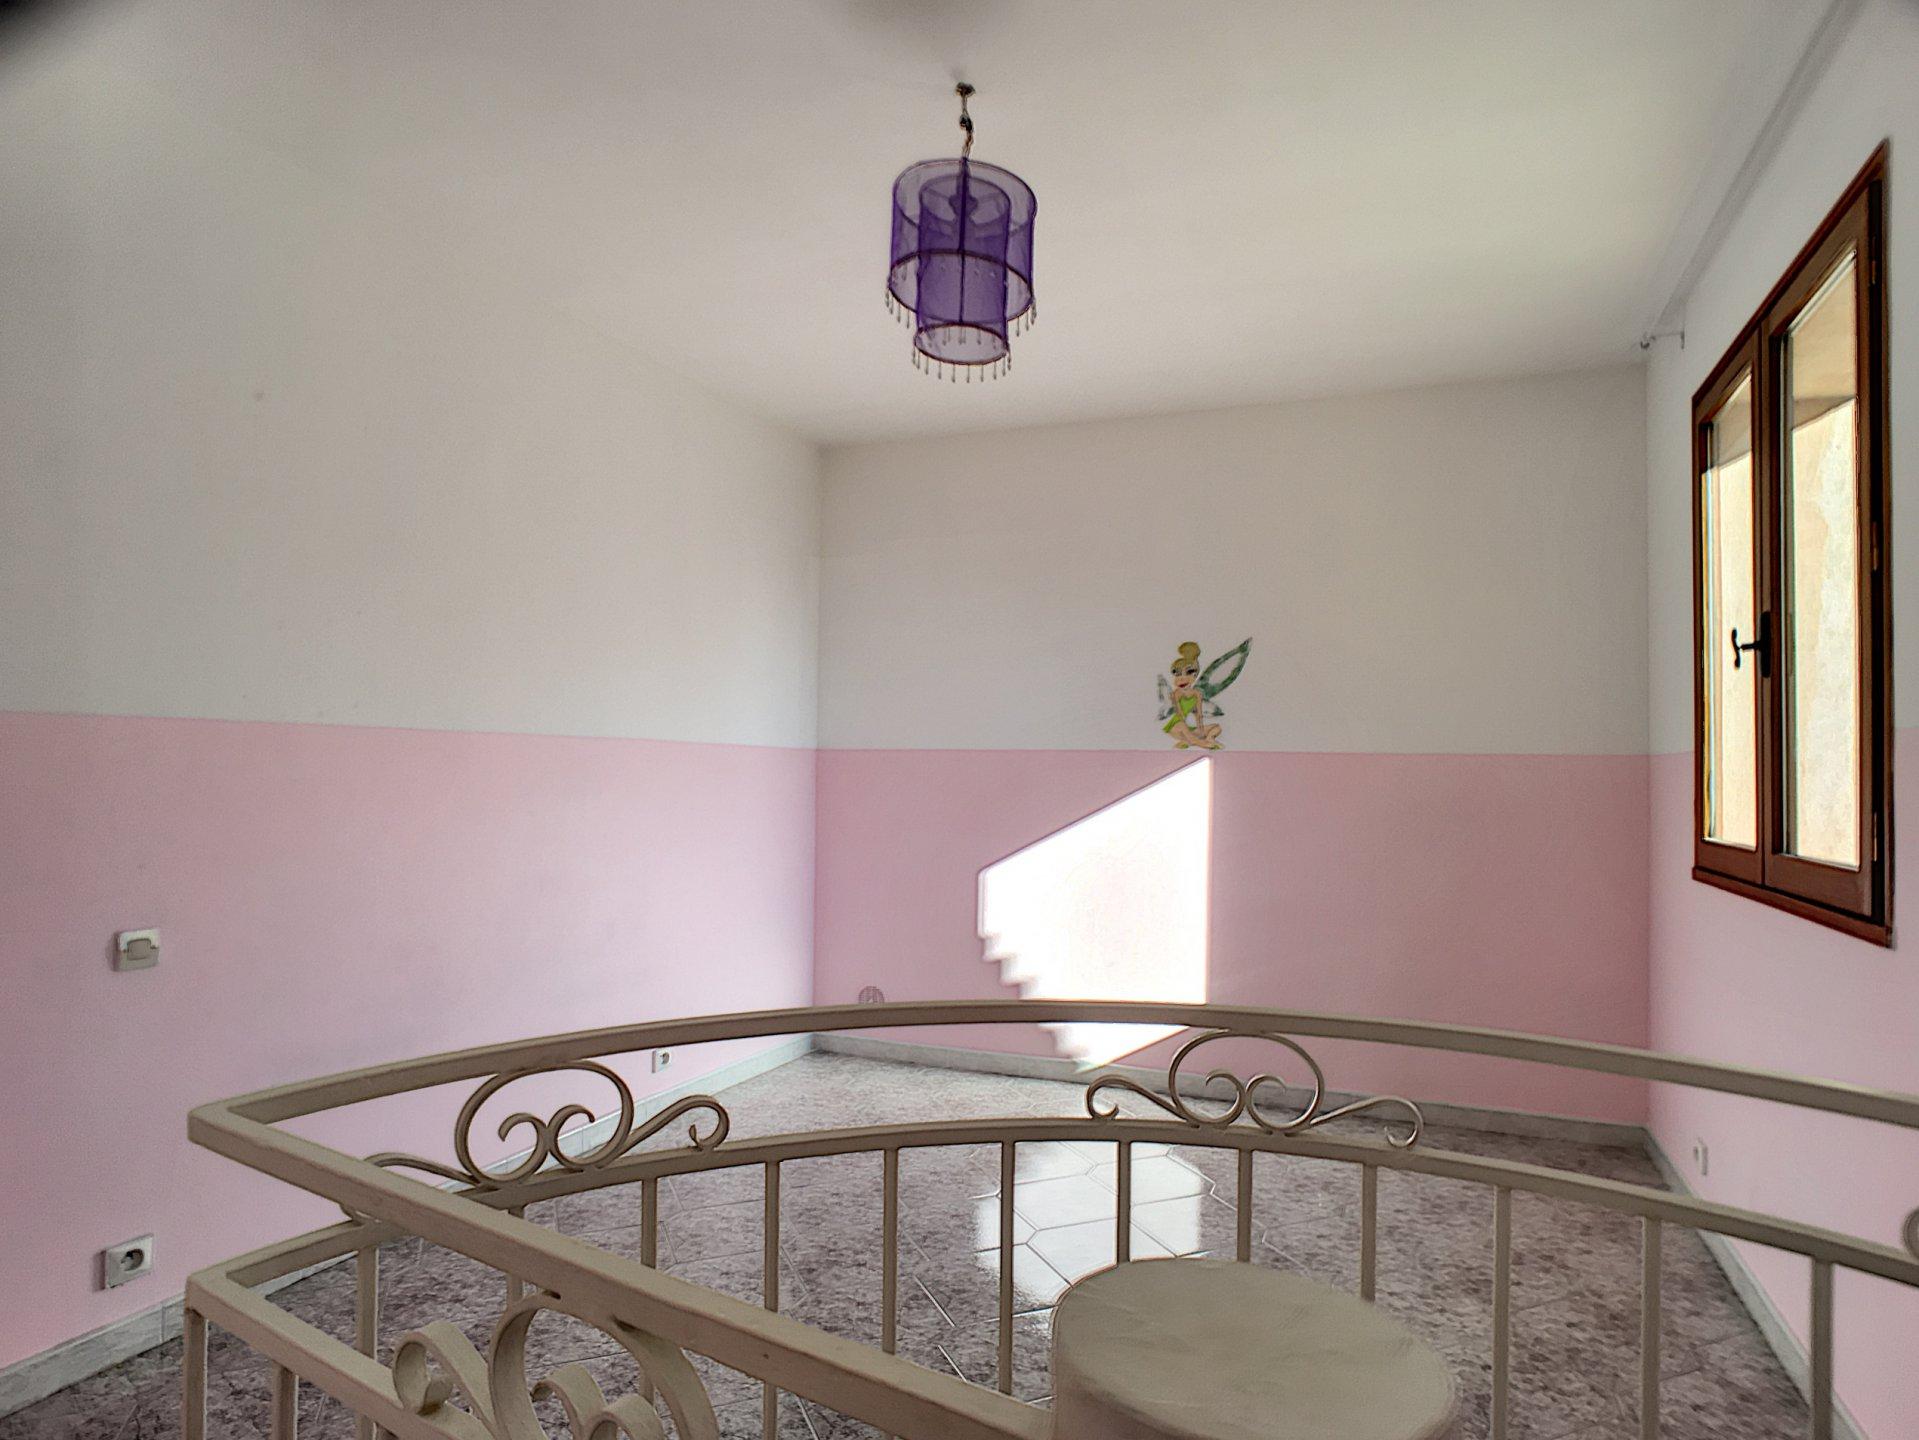 Peymeinade, Villa 7P au calme absolu dans lotissement fermé